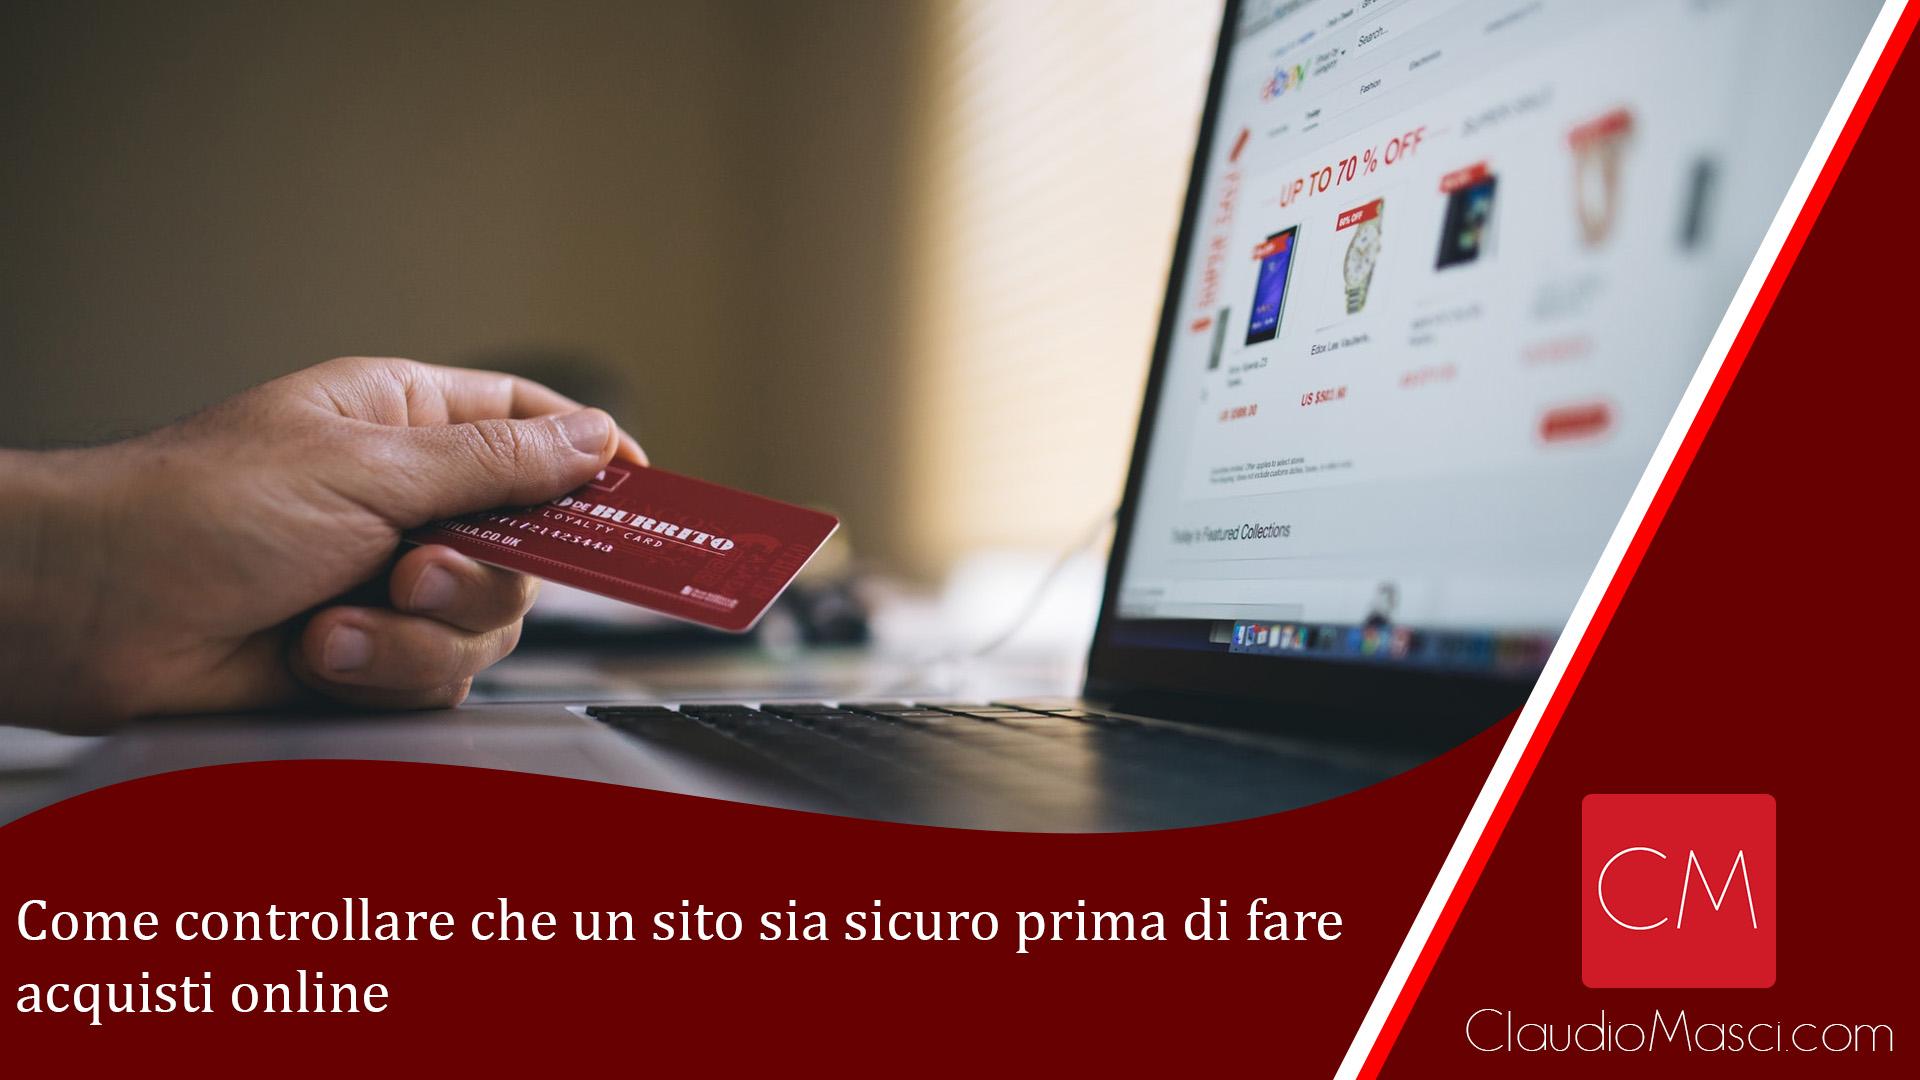 Come controllare che un sito sia sicuro prima di fare acquisti online